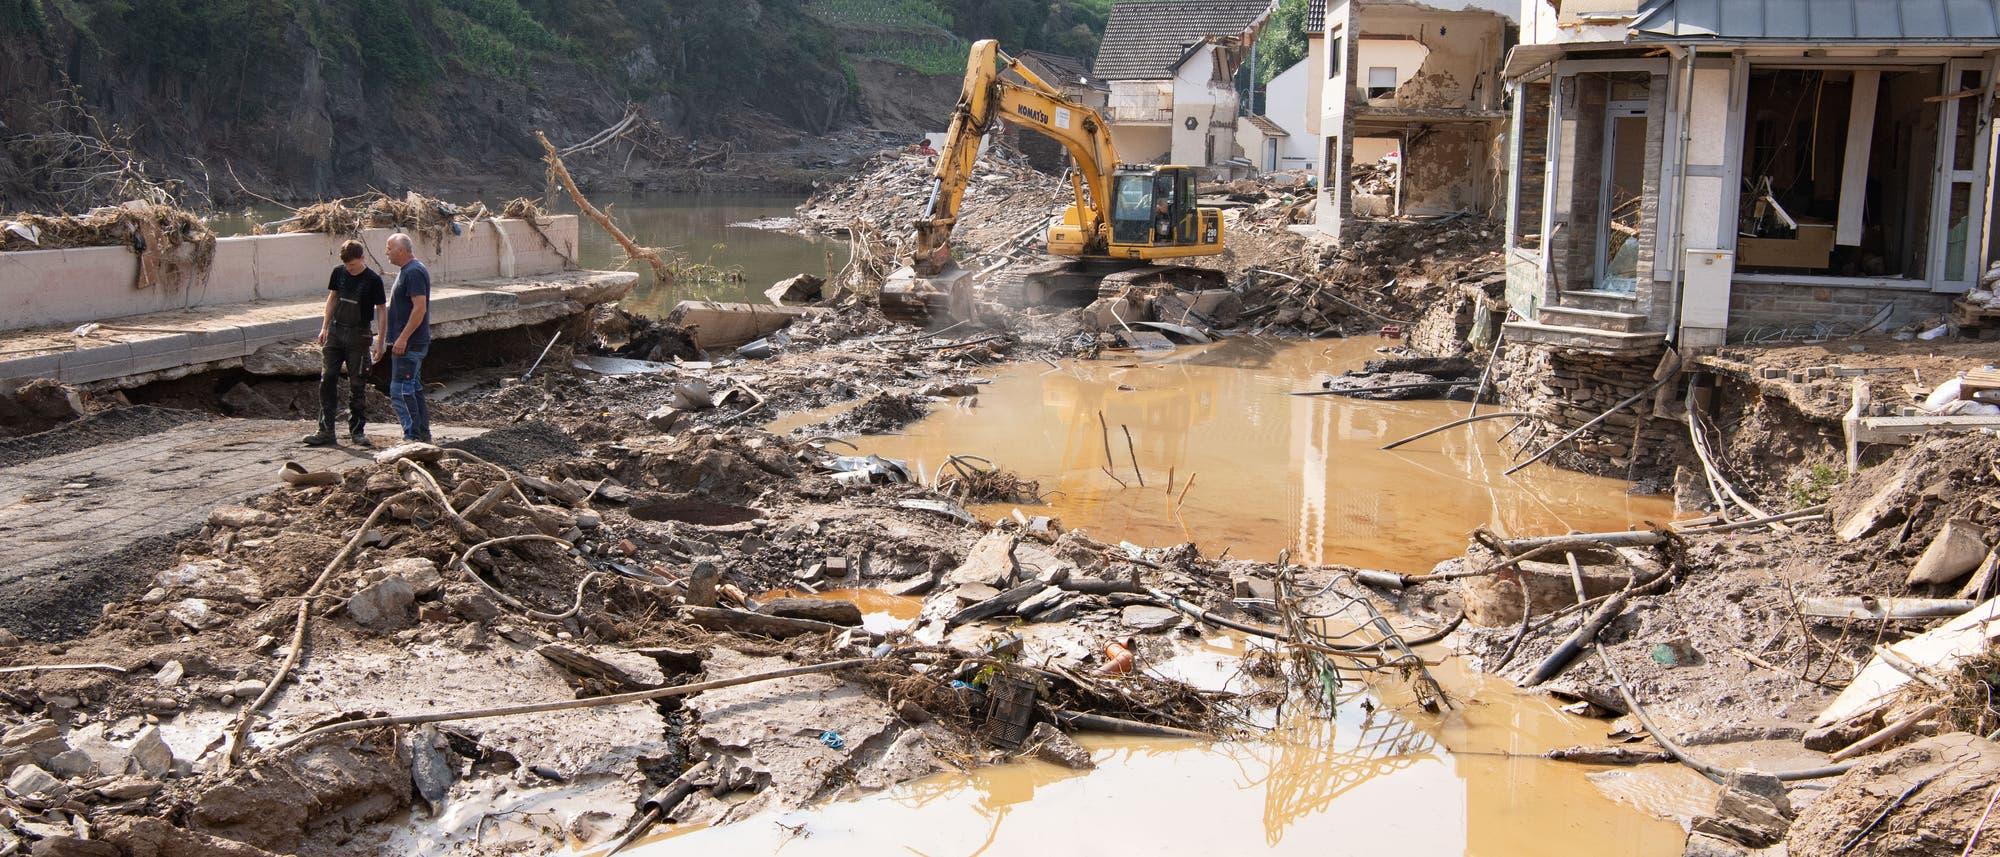 Zerstörungen in Mayschoß, Rheinland-Pfalz.